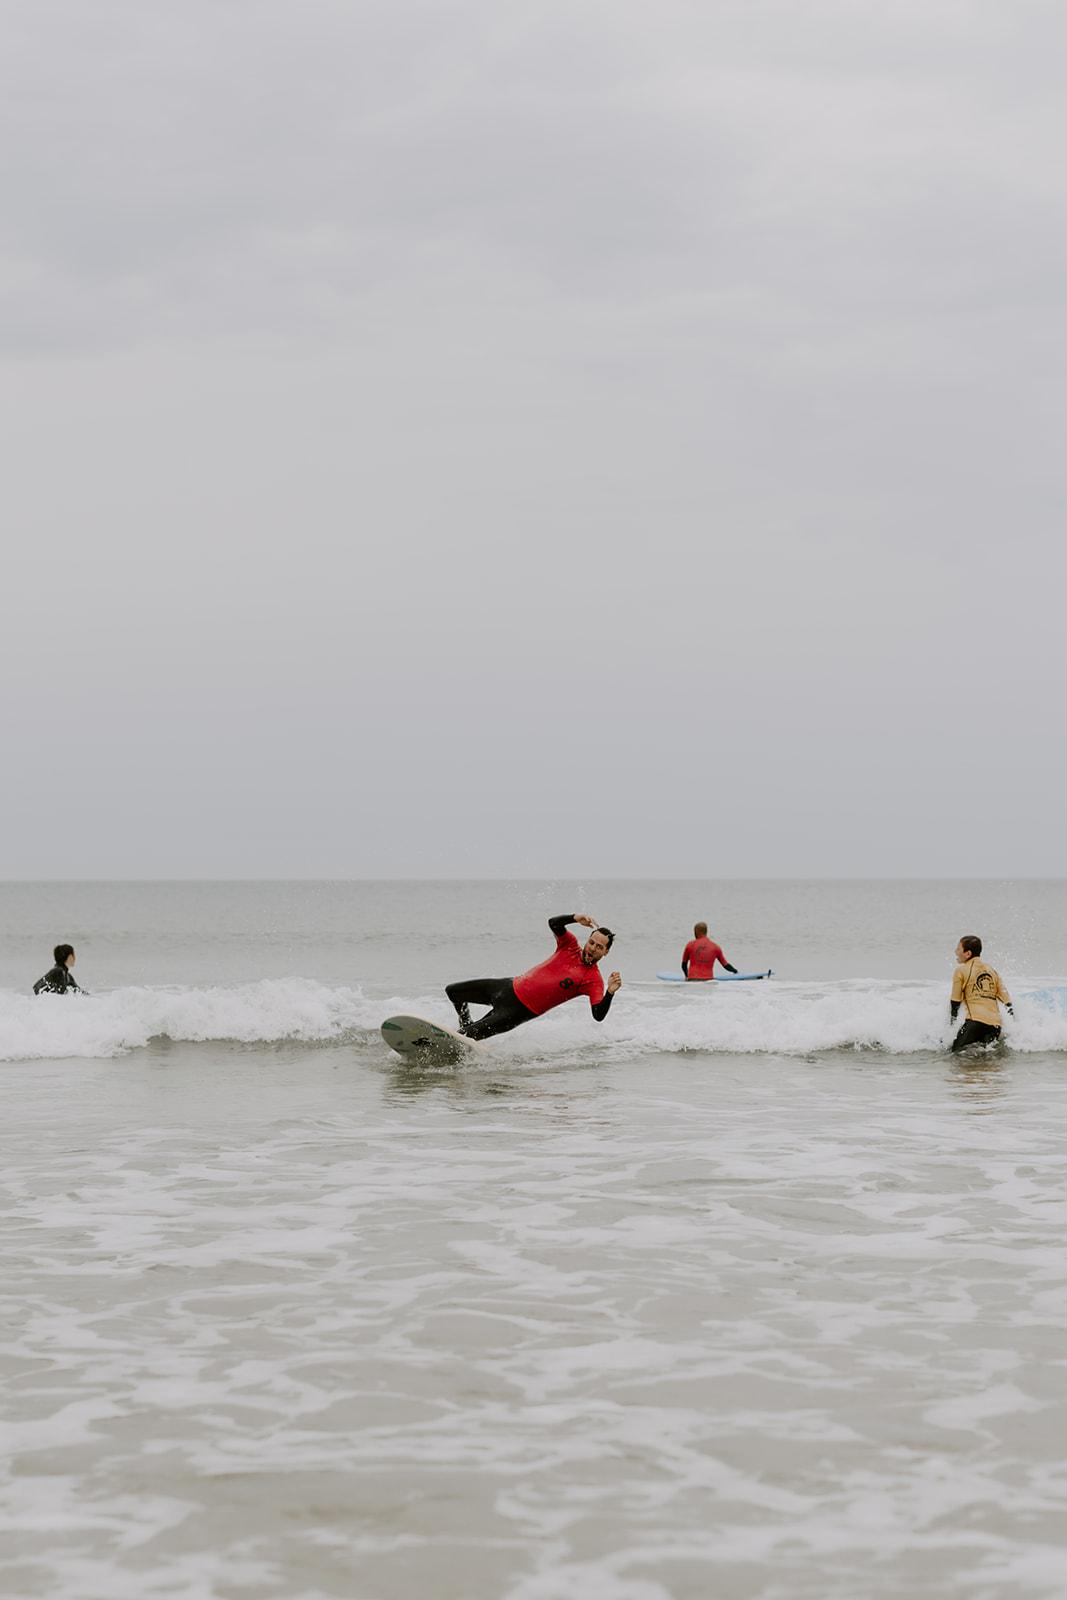 Mariage-CapFerret-activite-surf-ocean-fun